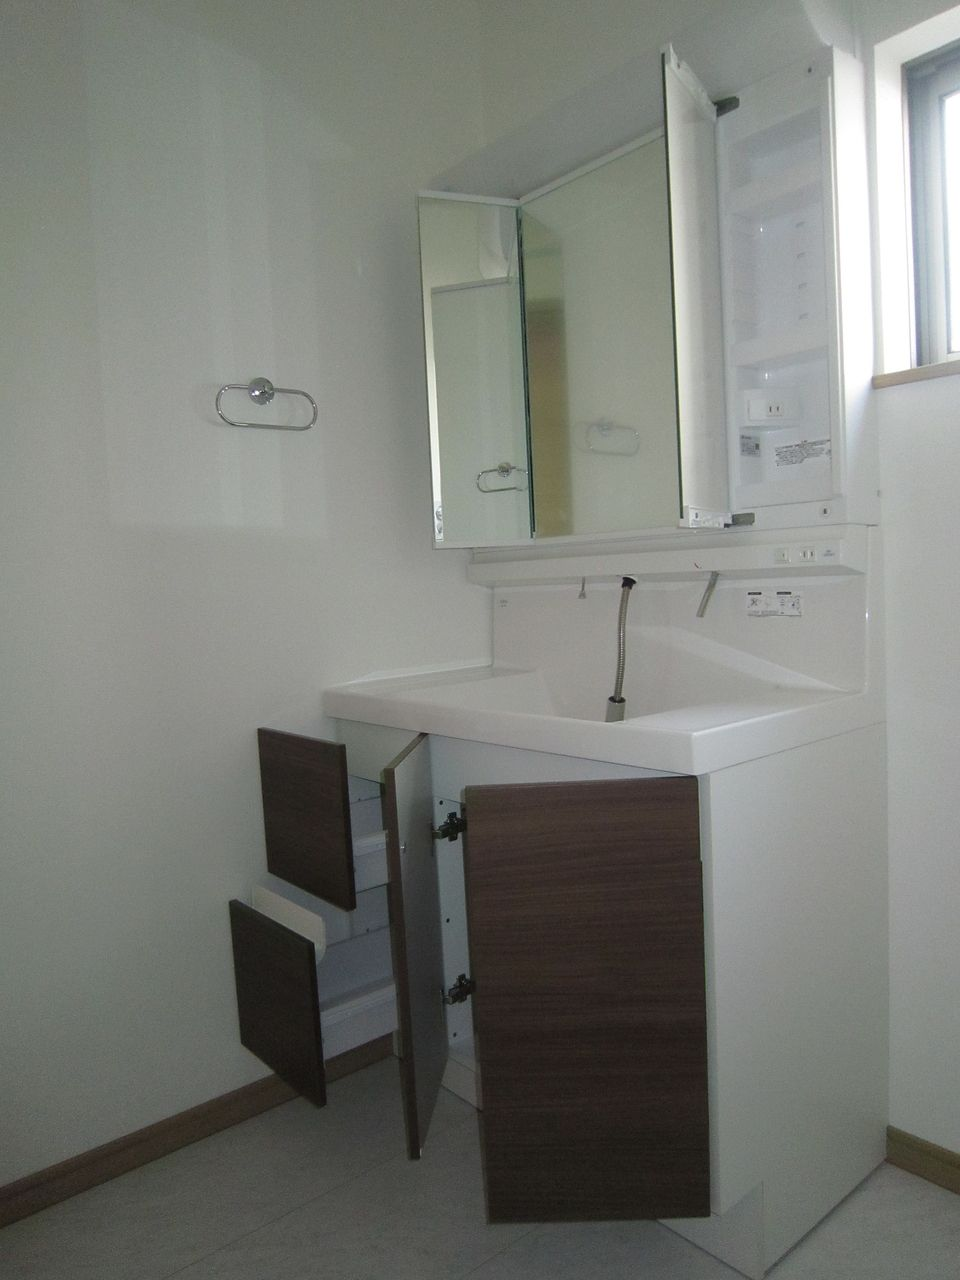 洗面化粧台は三面鏡を採用。もちろん収納スペースも十分あります。